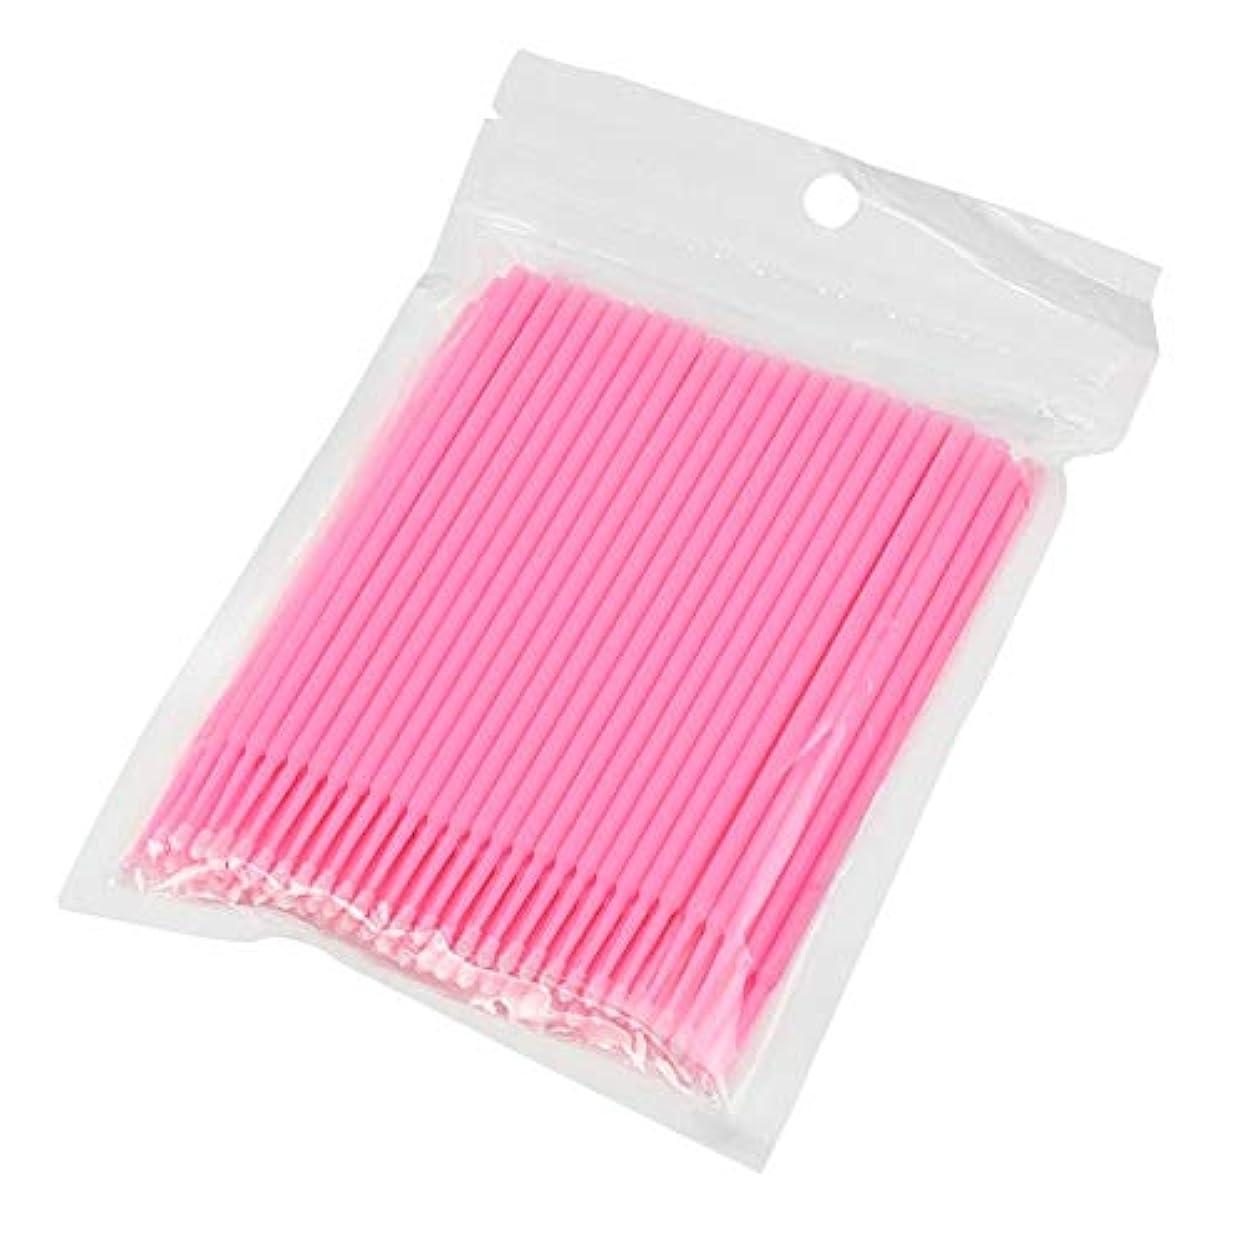 機構サイドボードサイレン100ピース使い捨てマイクロブラシ綿棒アプリケーターチューブ用まつげエクステンション接着剤除去まつ毛グラフトツール(Color:Pink)